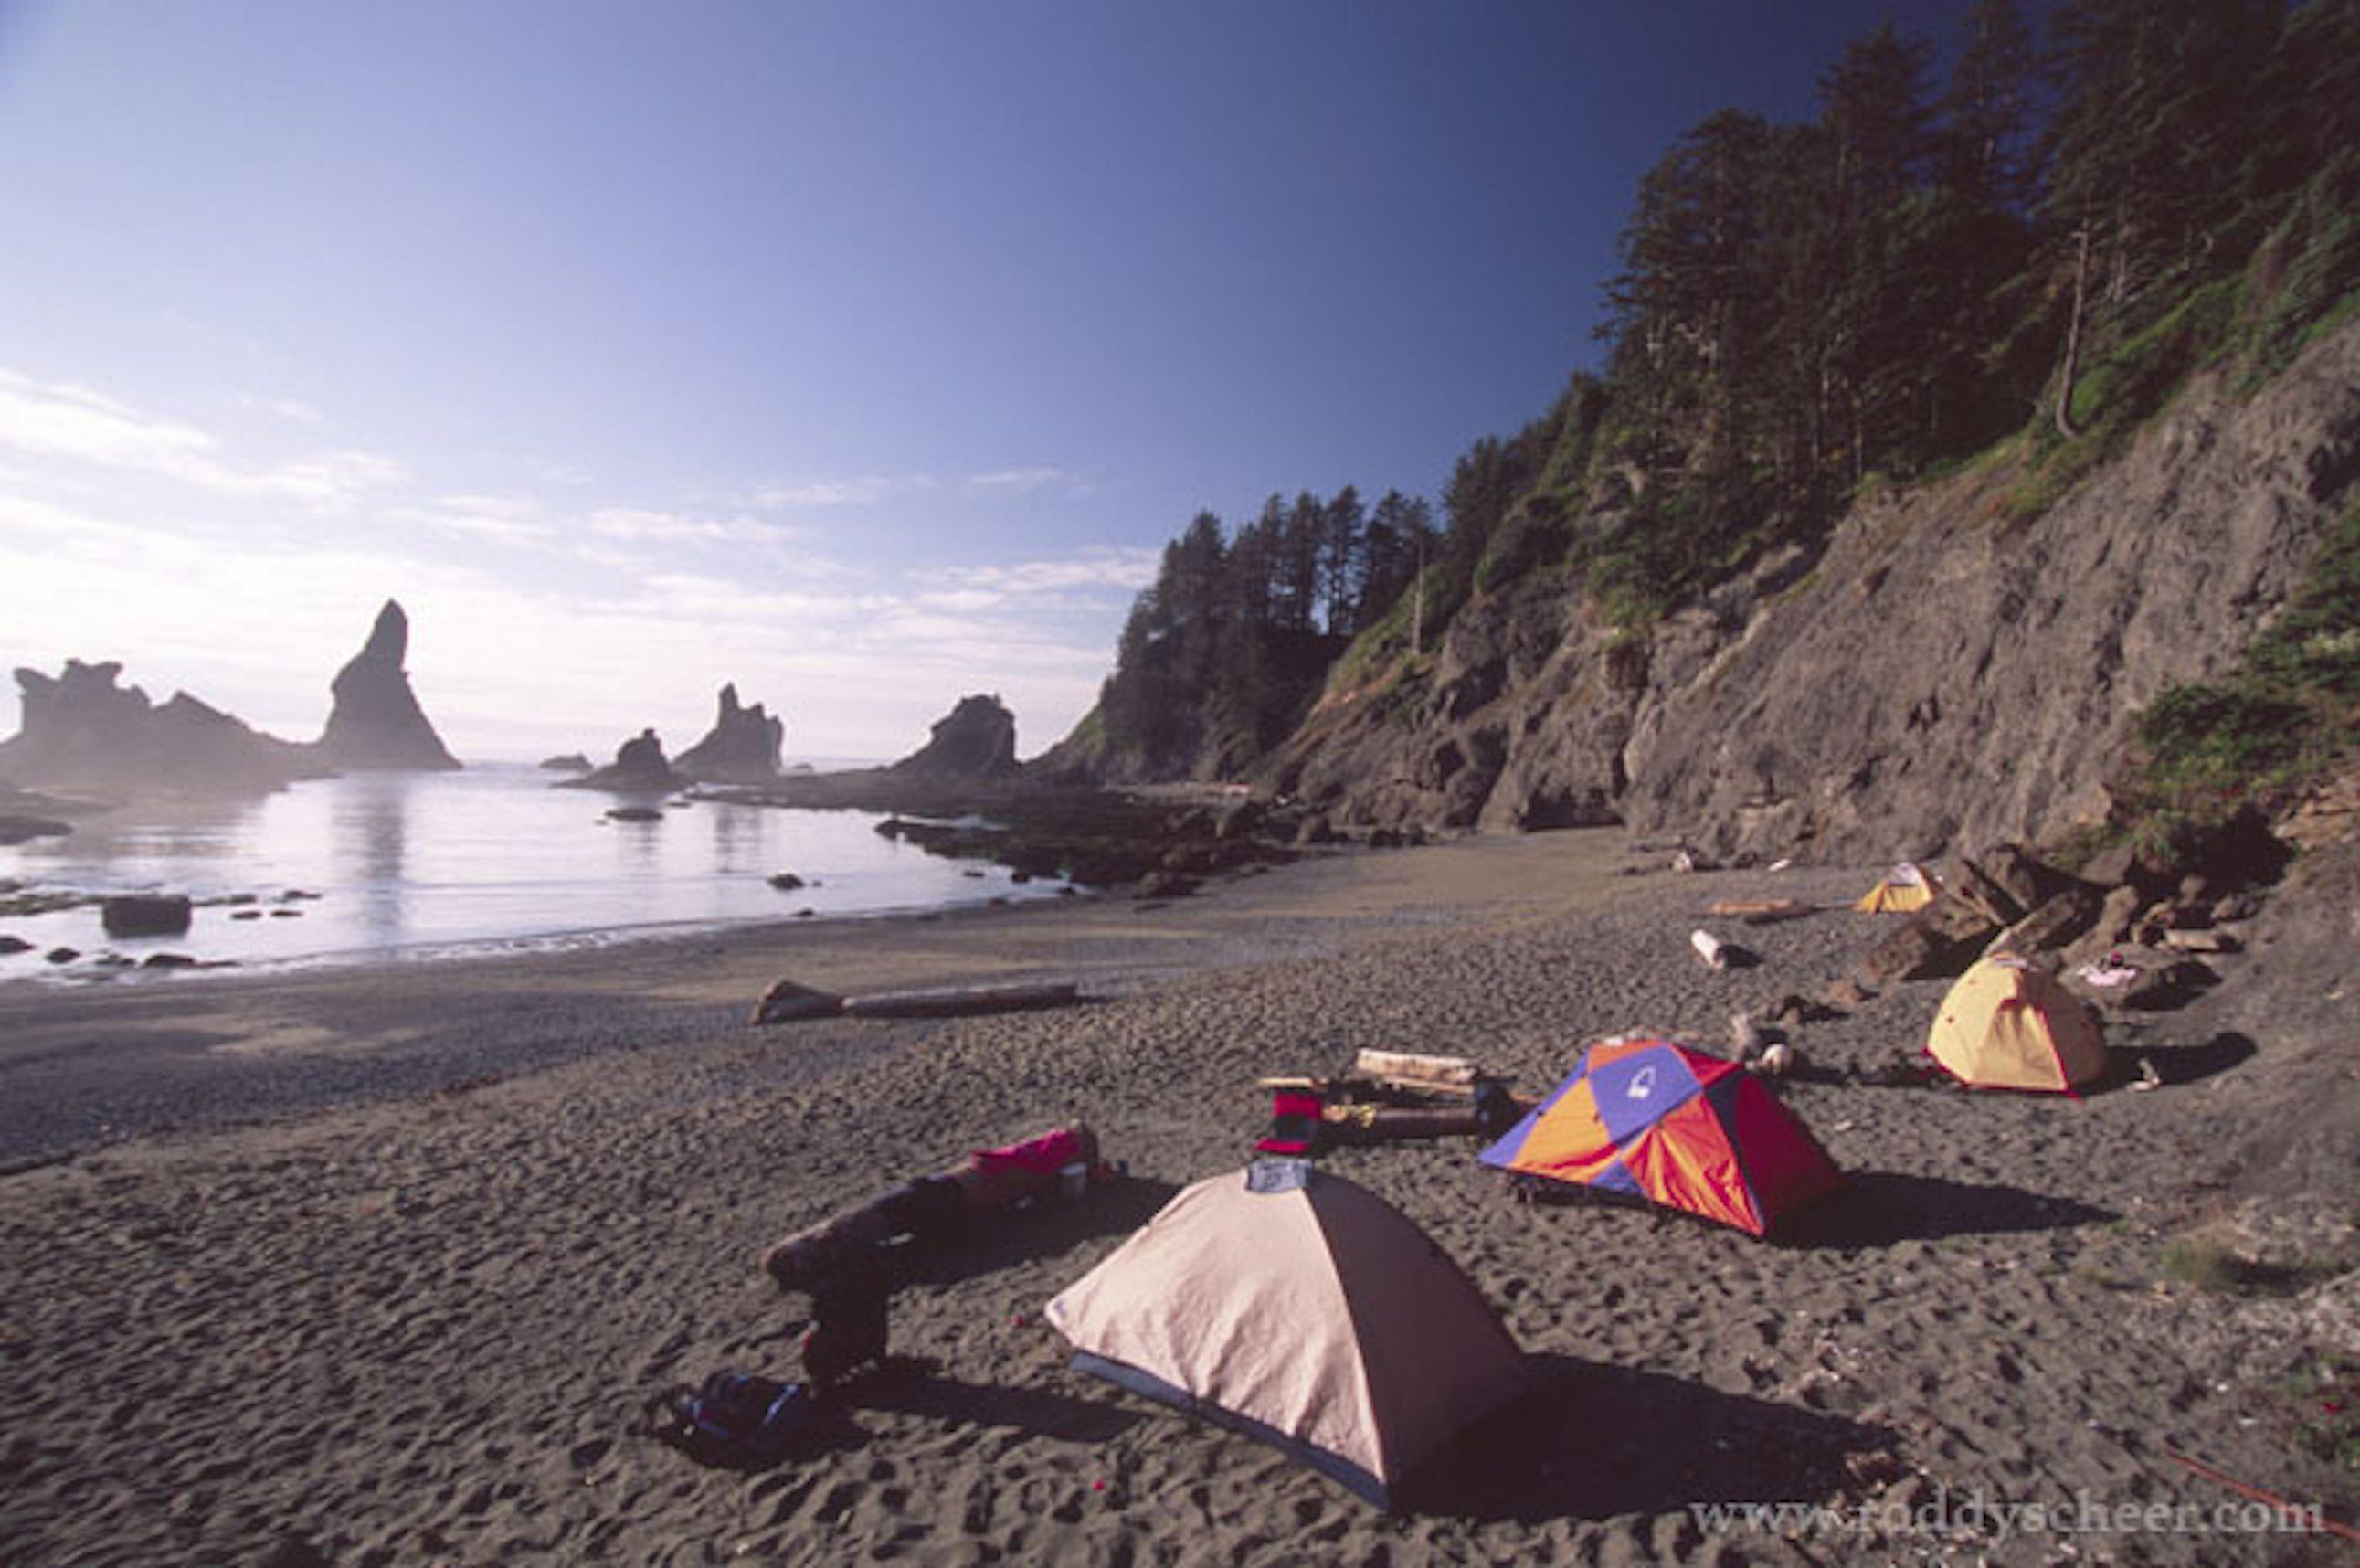 Tent Camping At Shi Beach Olympic National Park Washington Us